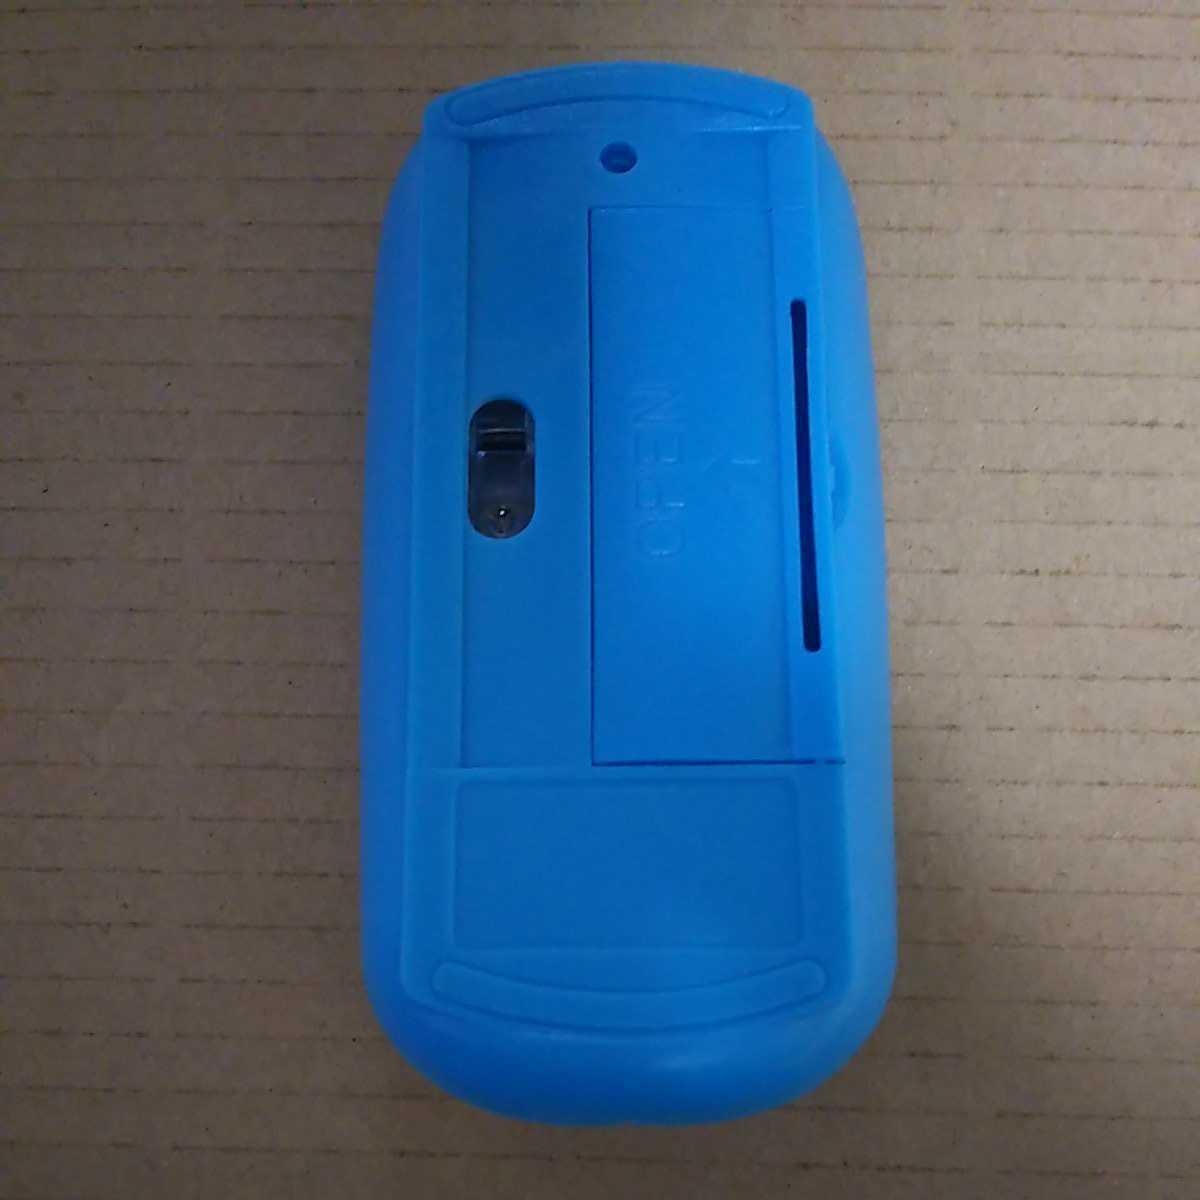 ◆ワイヤレスマウスサイレント 超薄型のUSB 2.4Gコンパクト省エネ ブルー2